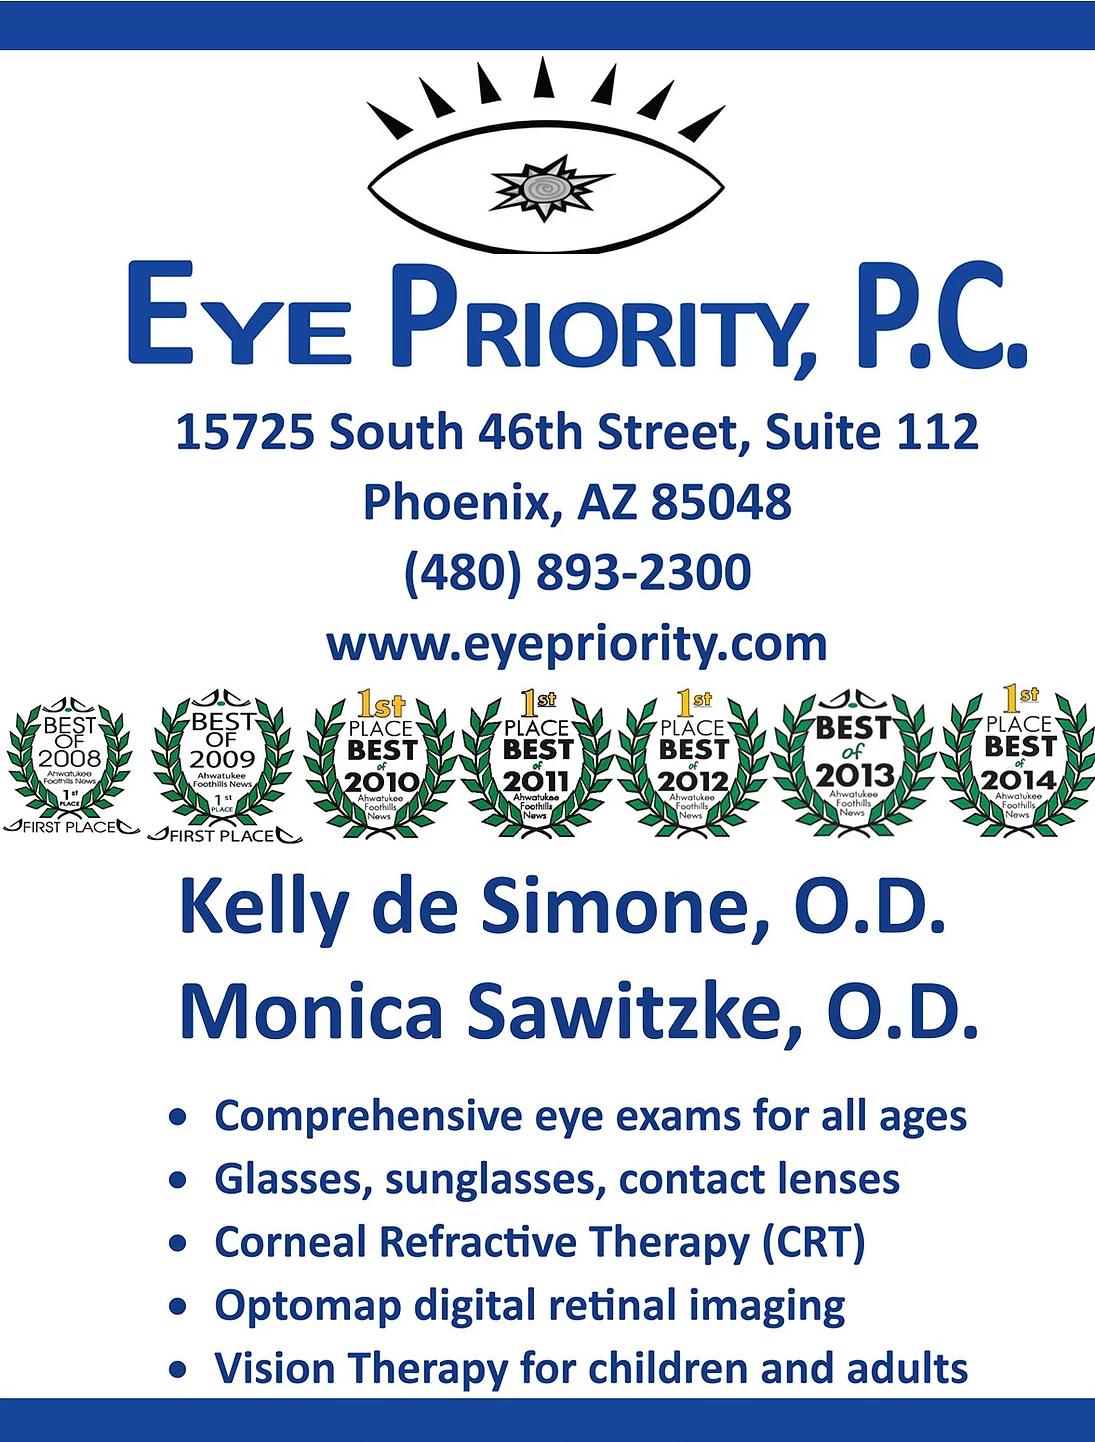 Eye Priority